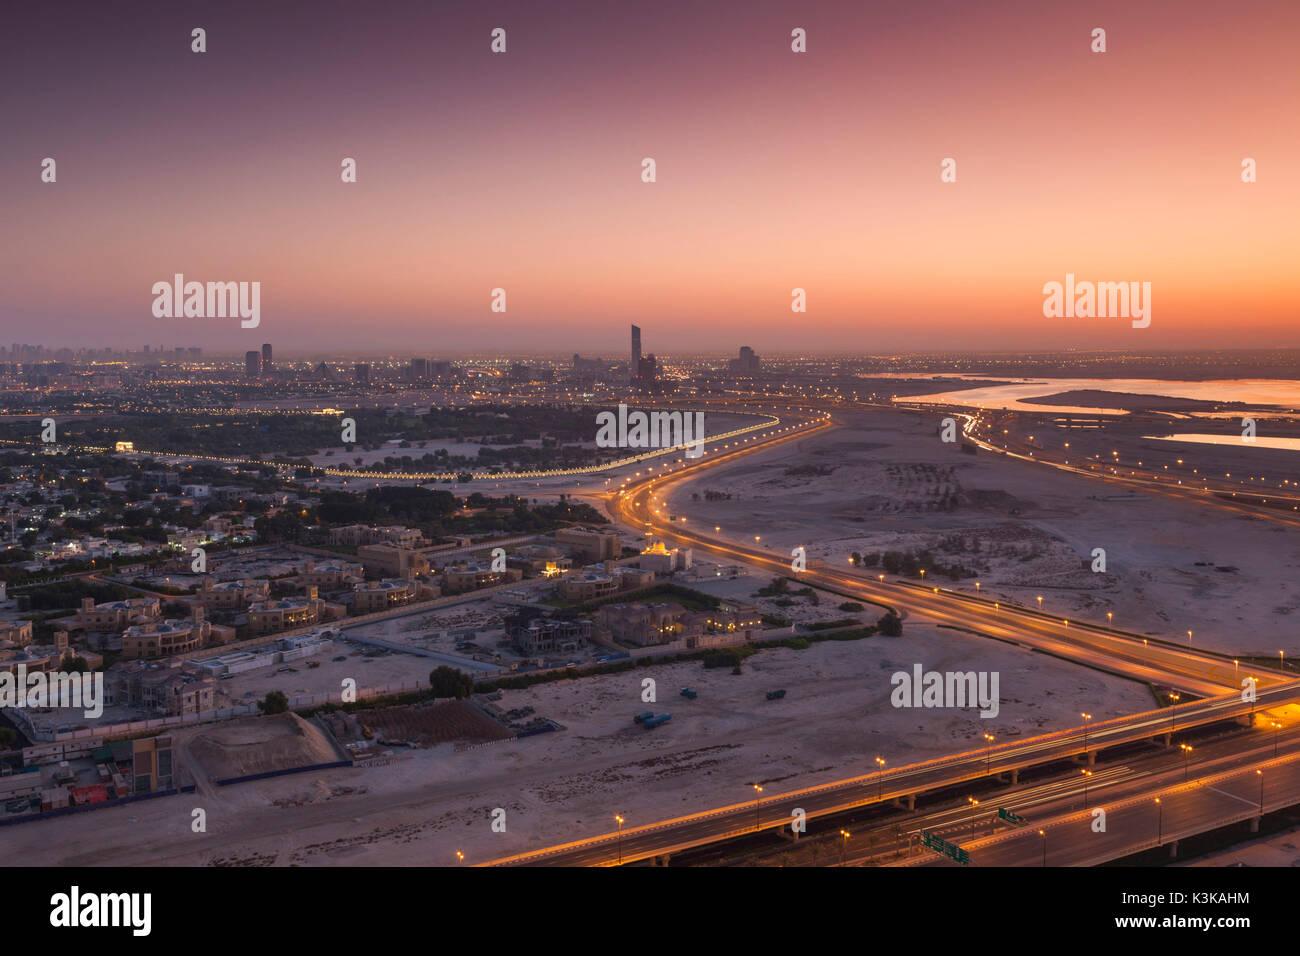 Dubai, Emiratos Árabes Unidos, el centro de Dubai, desierto y autopista elevada vista hacia Ras Al Khor, dawn Imagen De Stock